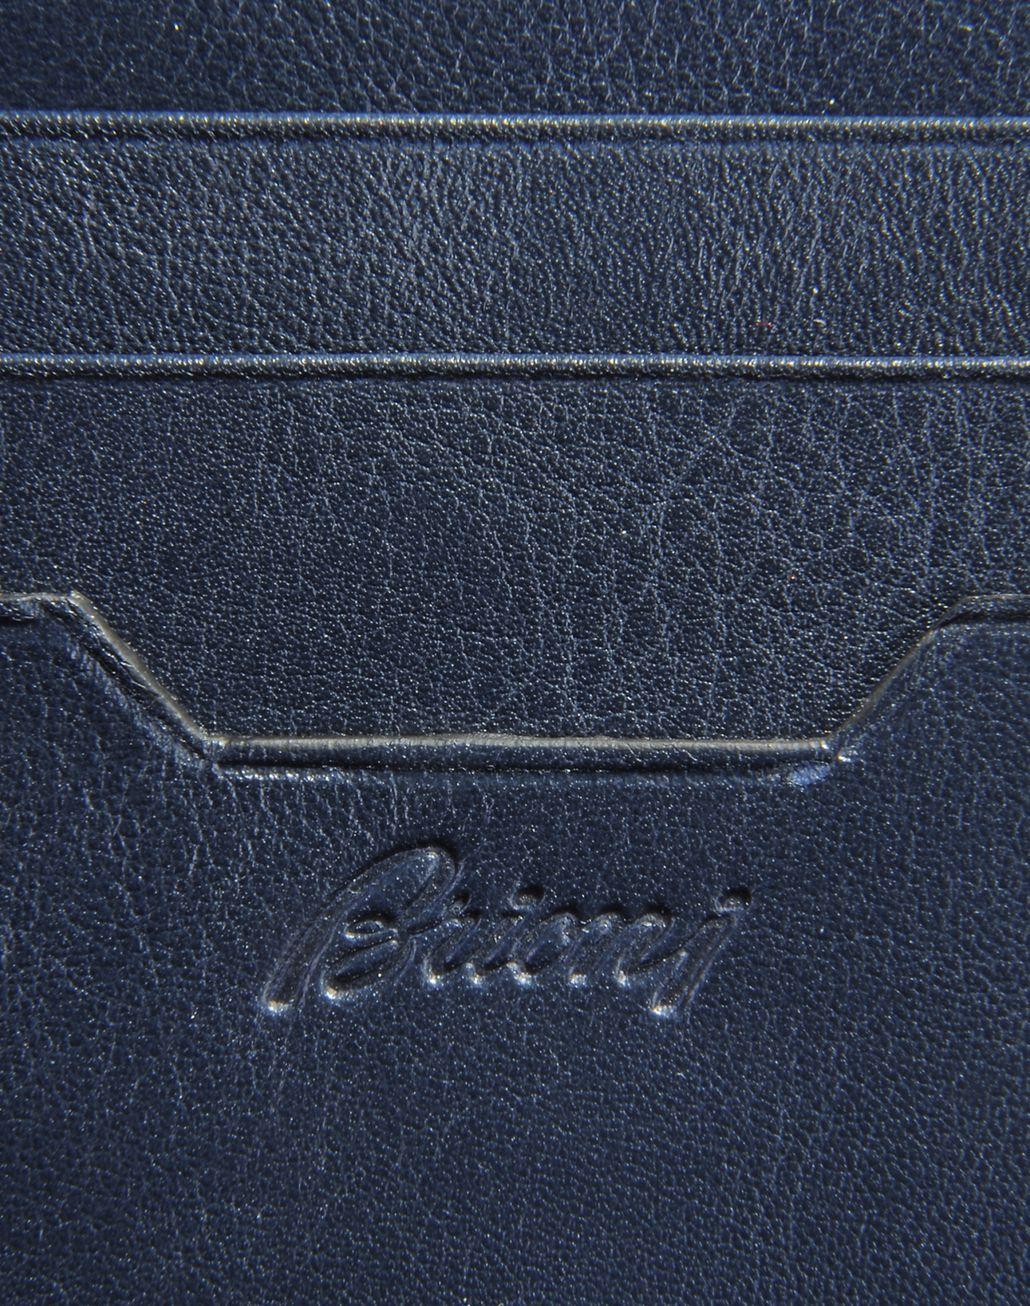 BRIONI CLASSIC SMALL LEATHER GOOD   Leather Goods U e